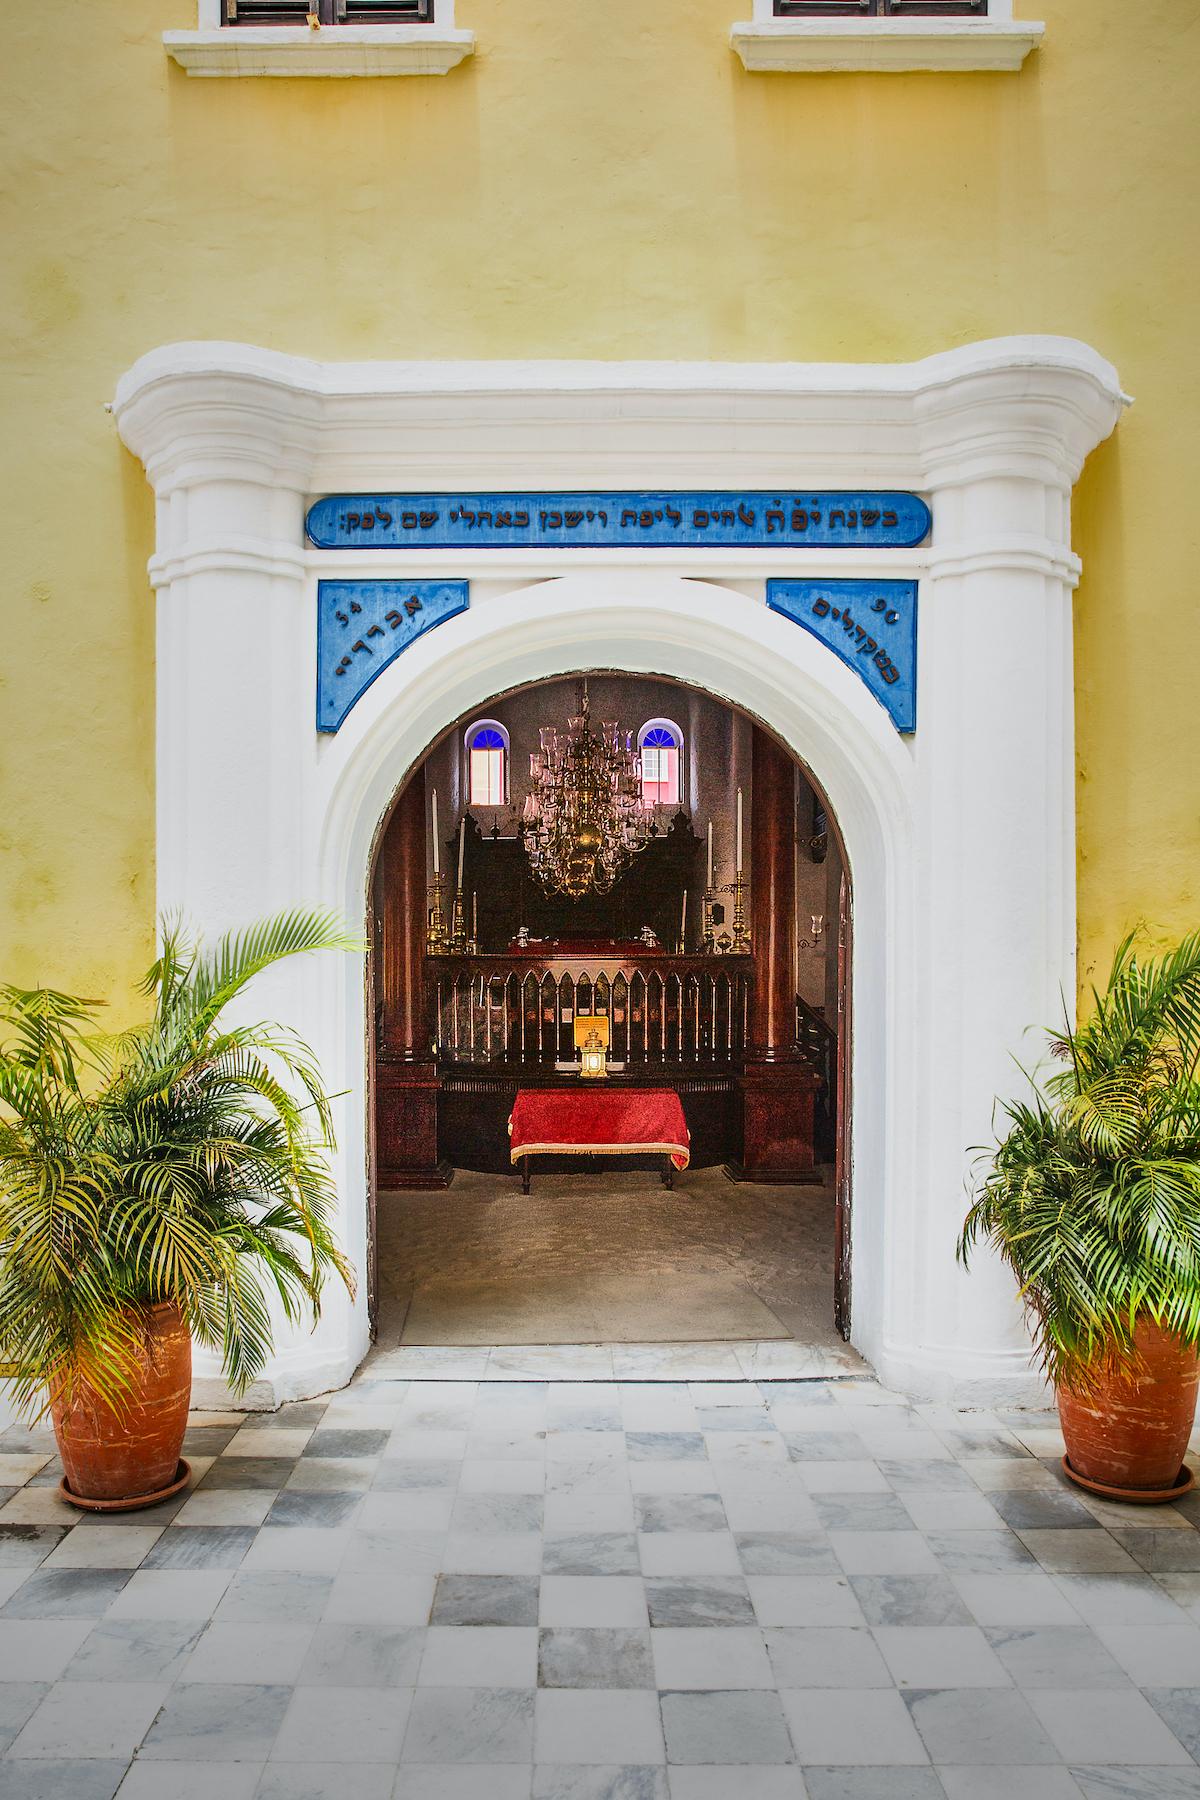 Mikvé Israel-Emanuel Synagogue in Curaçao